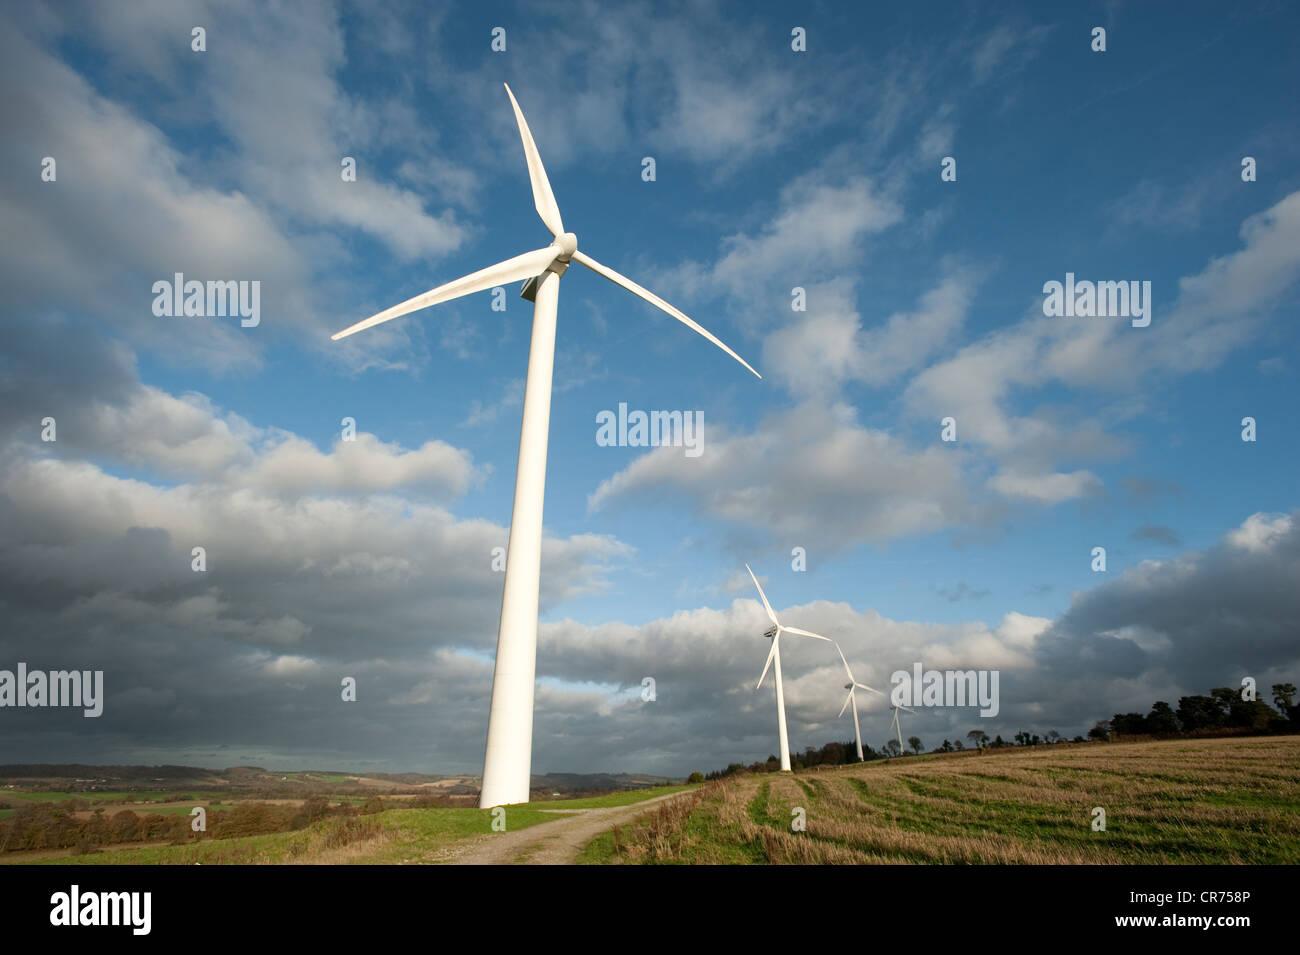 France, Cotes d'Armor, Caurel, parc de l'énergie éolienne Photo Stock